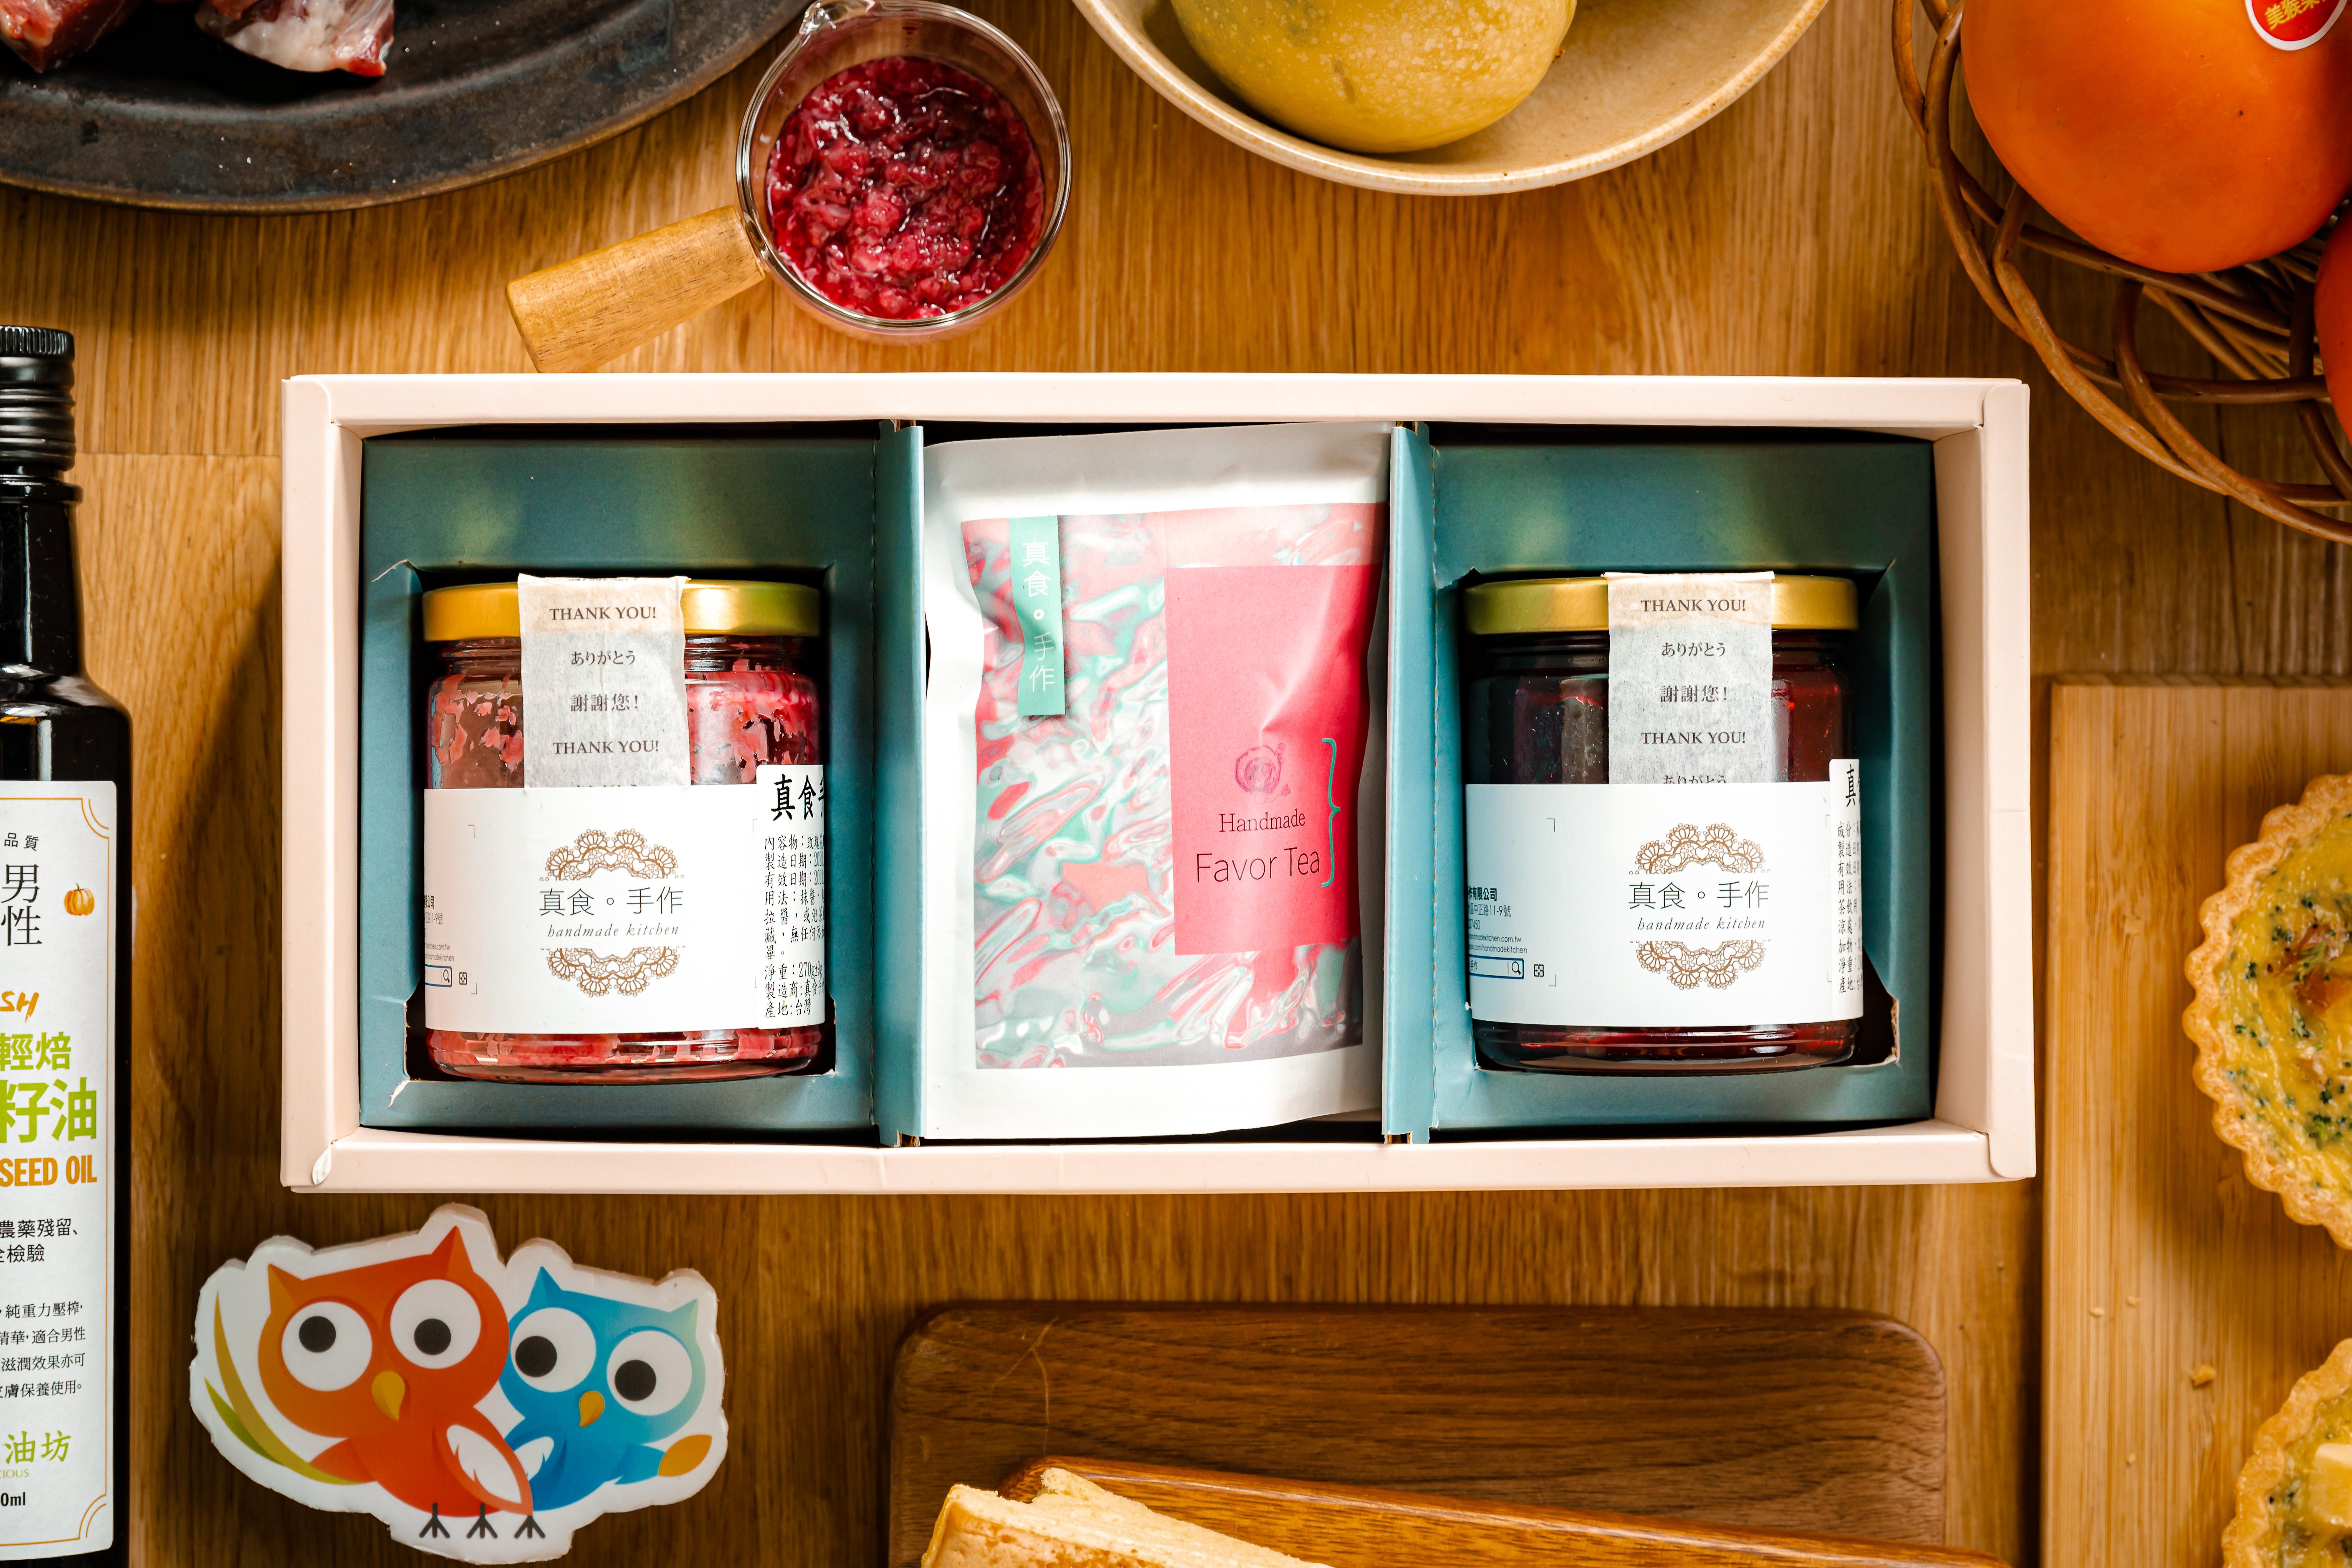 《真食。手作》 經典果醬+香草茶包禮盒